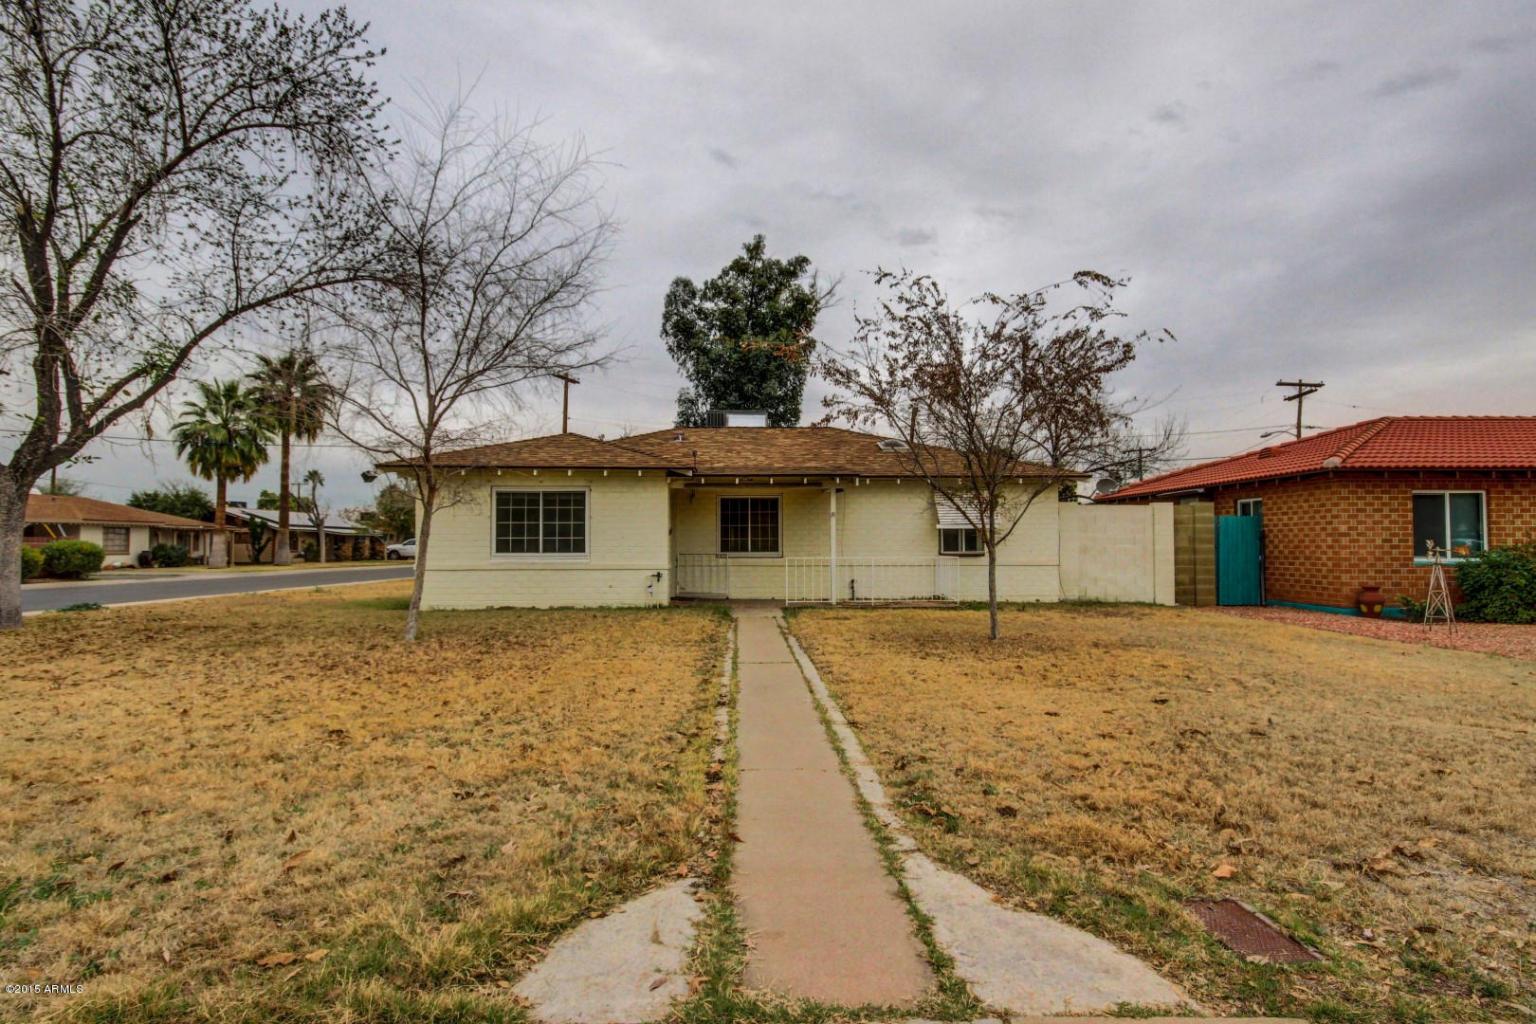 3645 N 21ST AVE Phoenix, AZ 85015